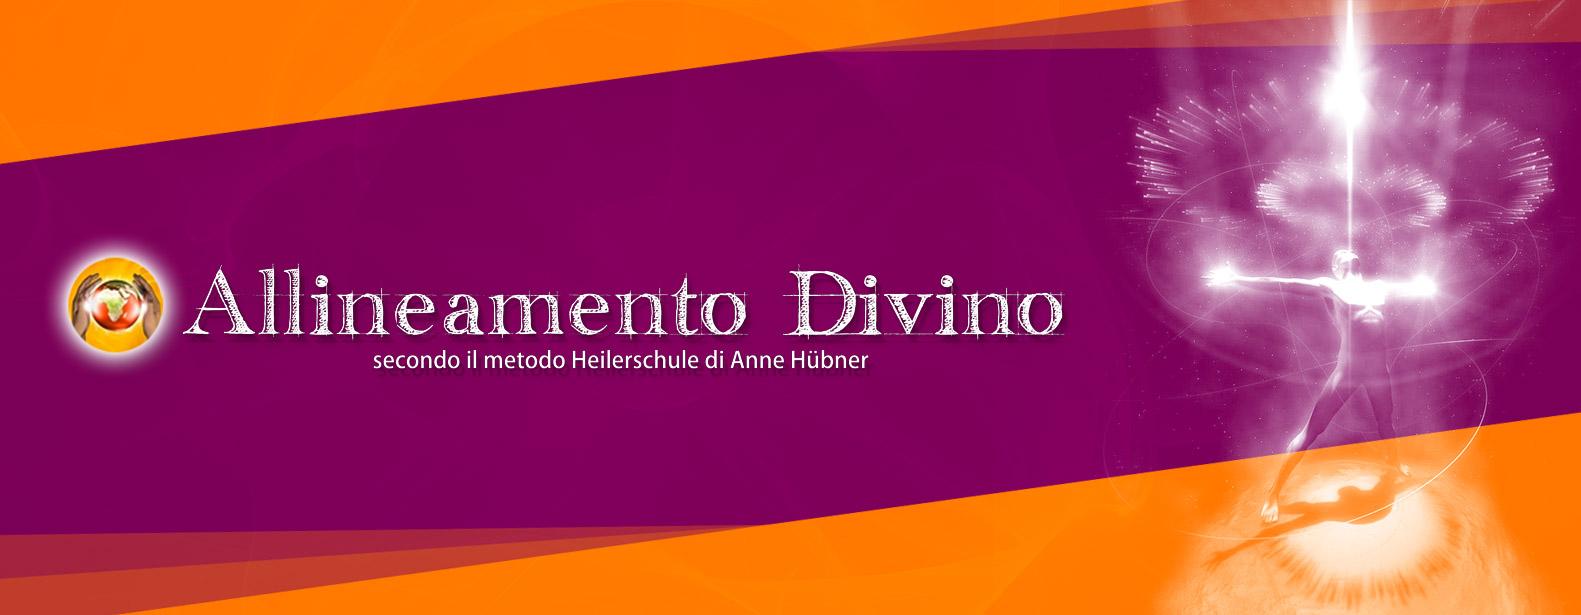 banner_allineamento